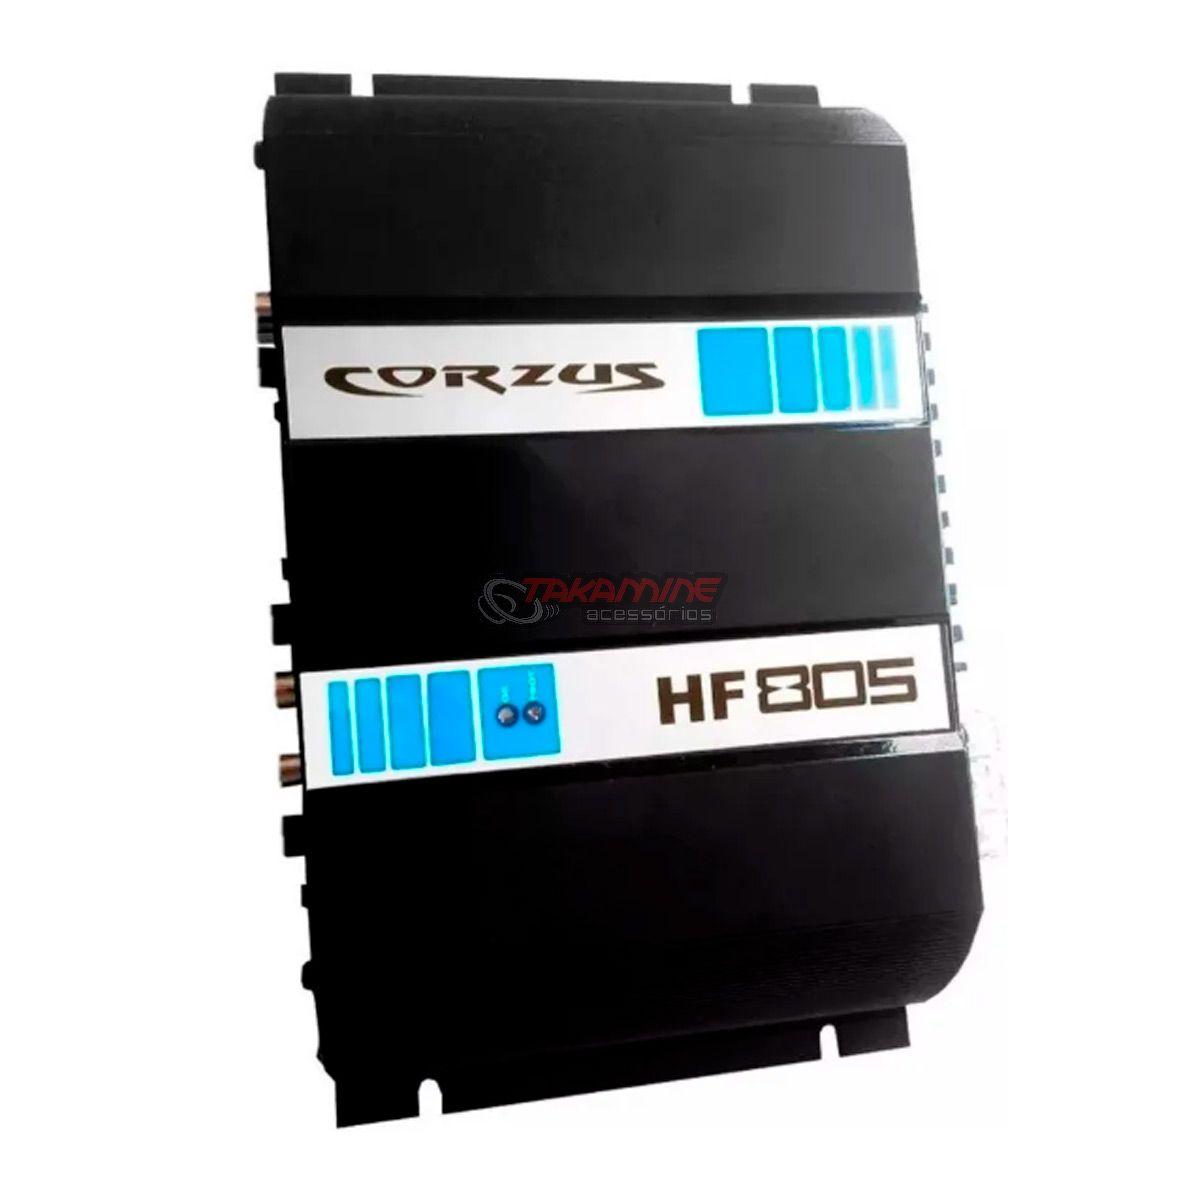 Amplificador HF805 Corzus 5 canais estéreo/mono 800WRMS Digital